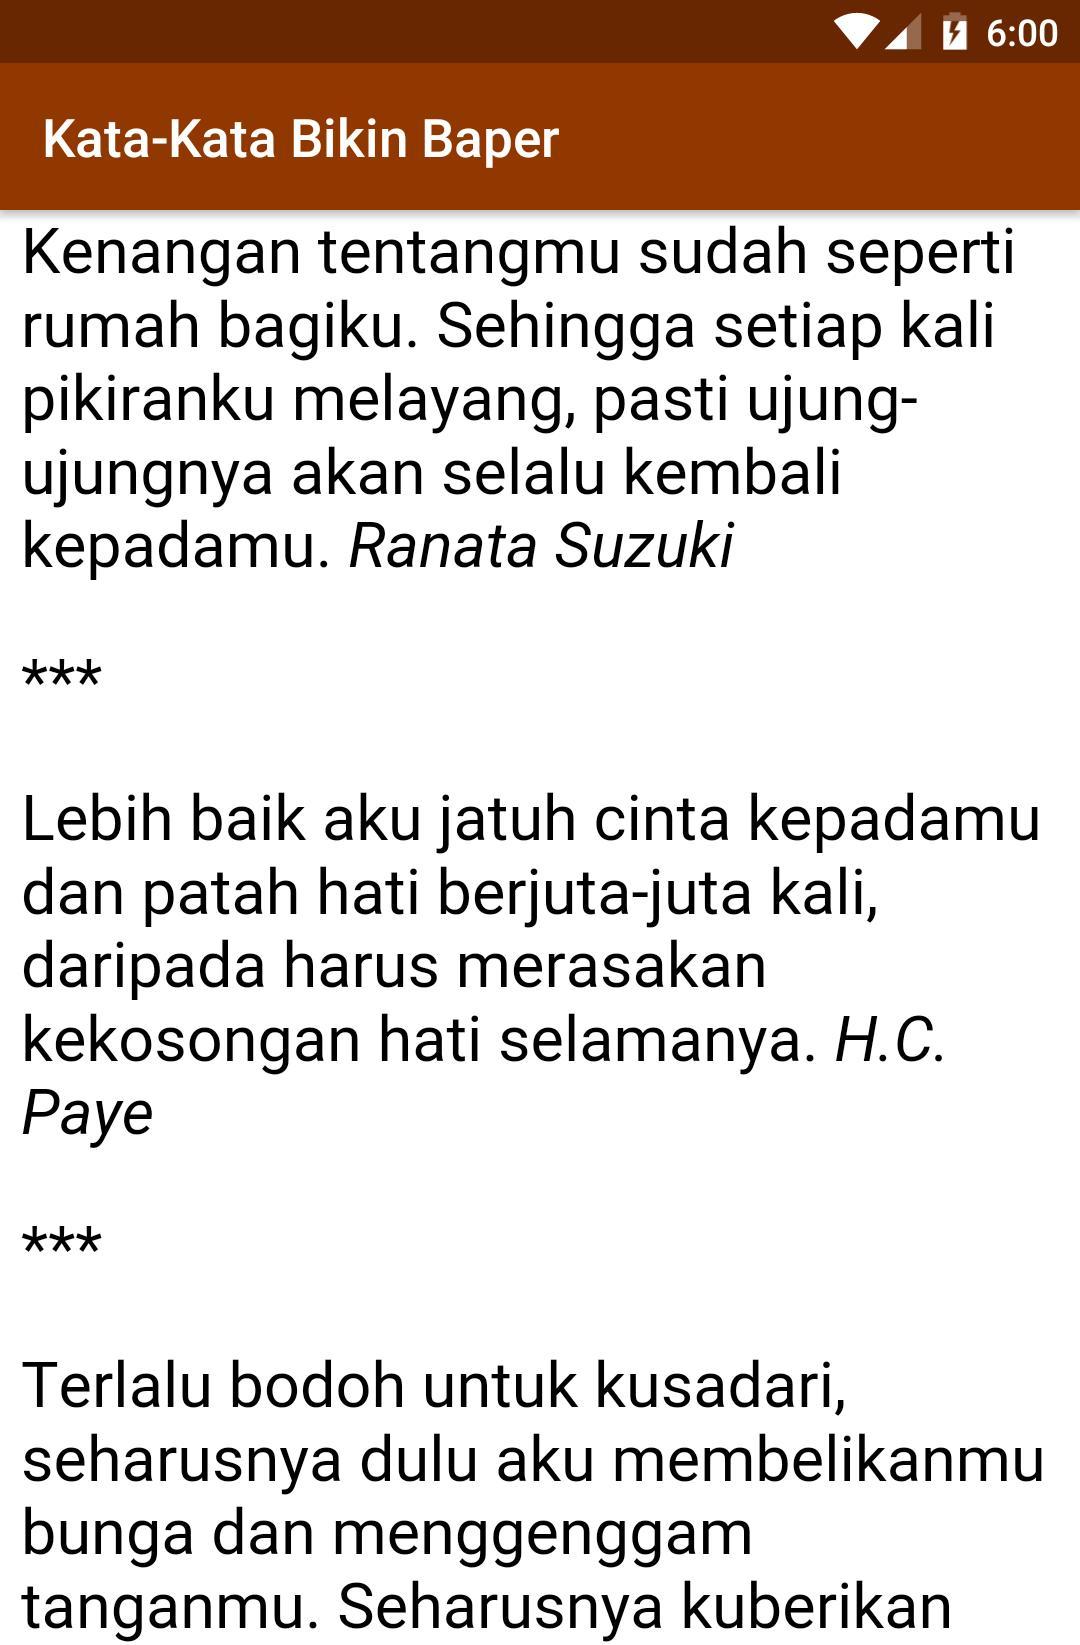 Kata Kata Baper Menyentuh Hati For Android Apk Download